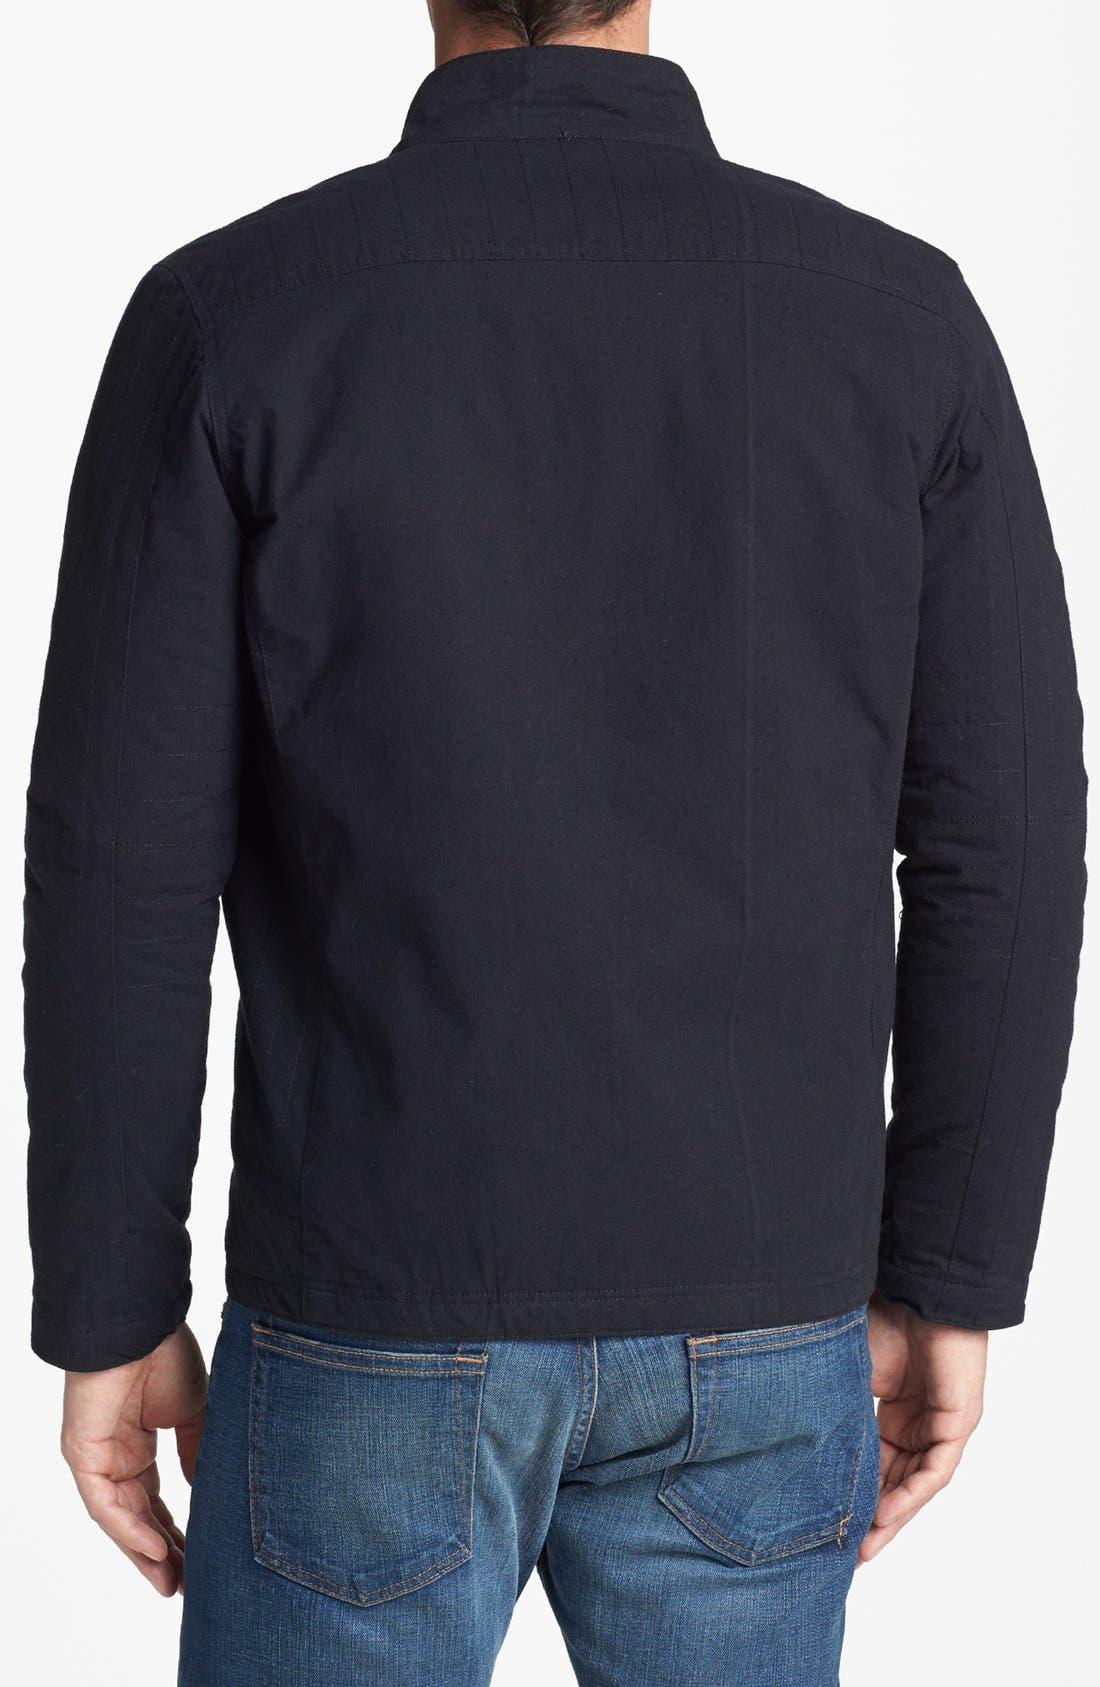 Alternate Image 2  - Astronomy 'Gridlock' Jacket